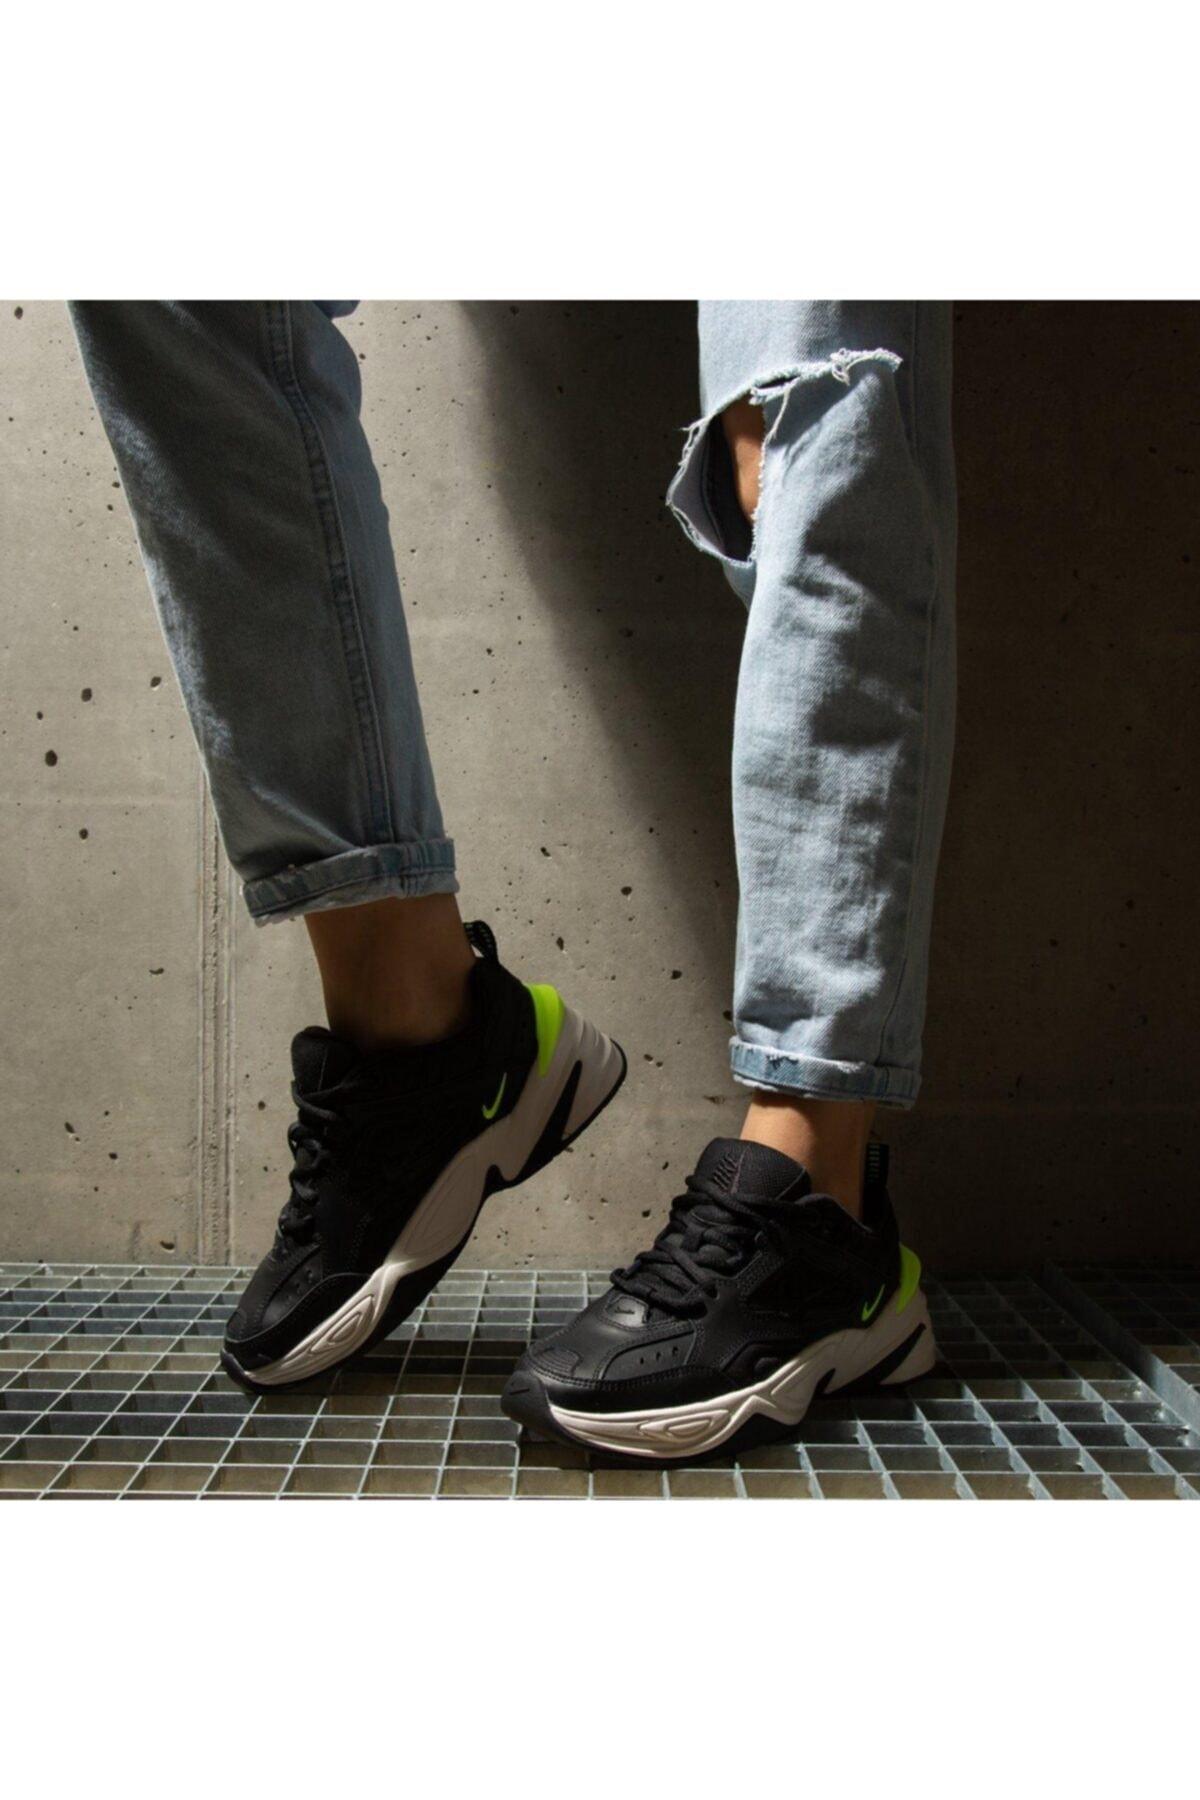 Nike M2k Tekno Ao3108-002 Kadın Spor Ayakkabısı 2